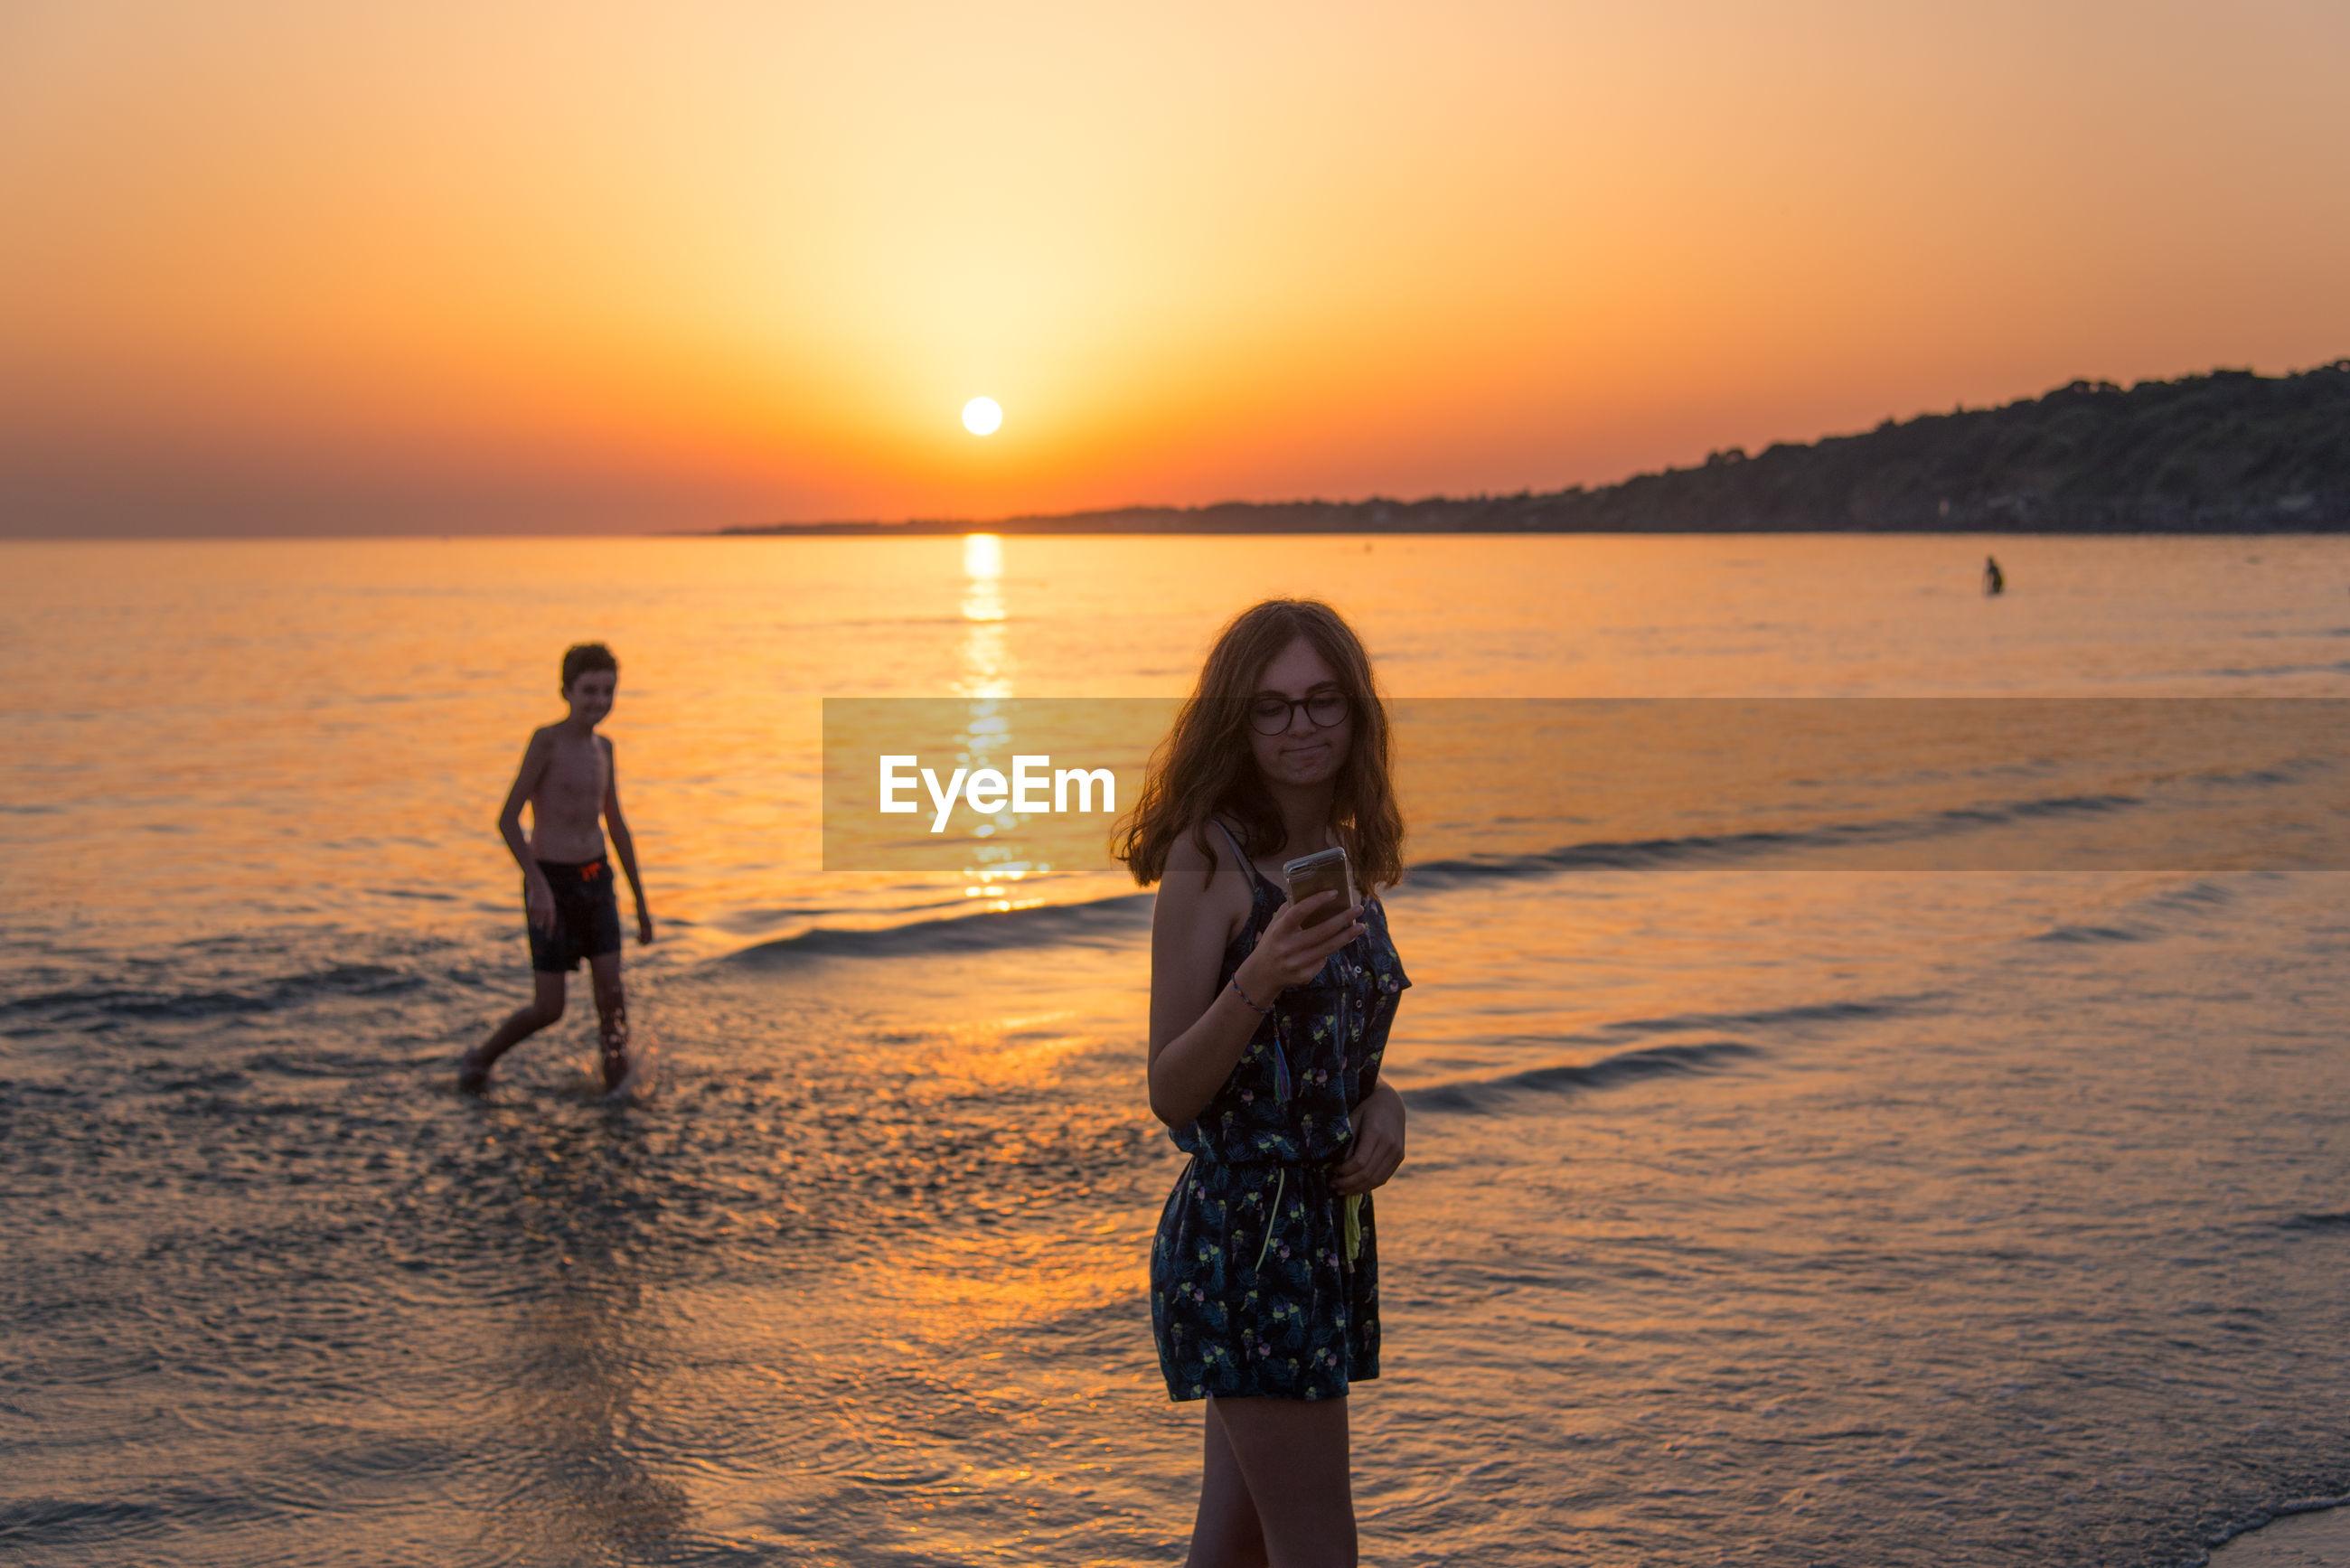 Teenage girl using phone near boy walking at beach during sunset